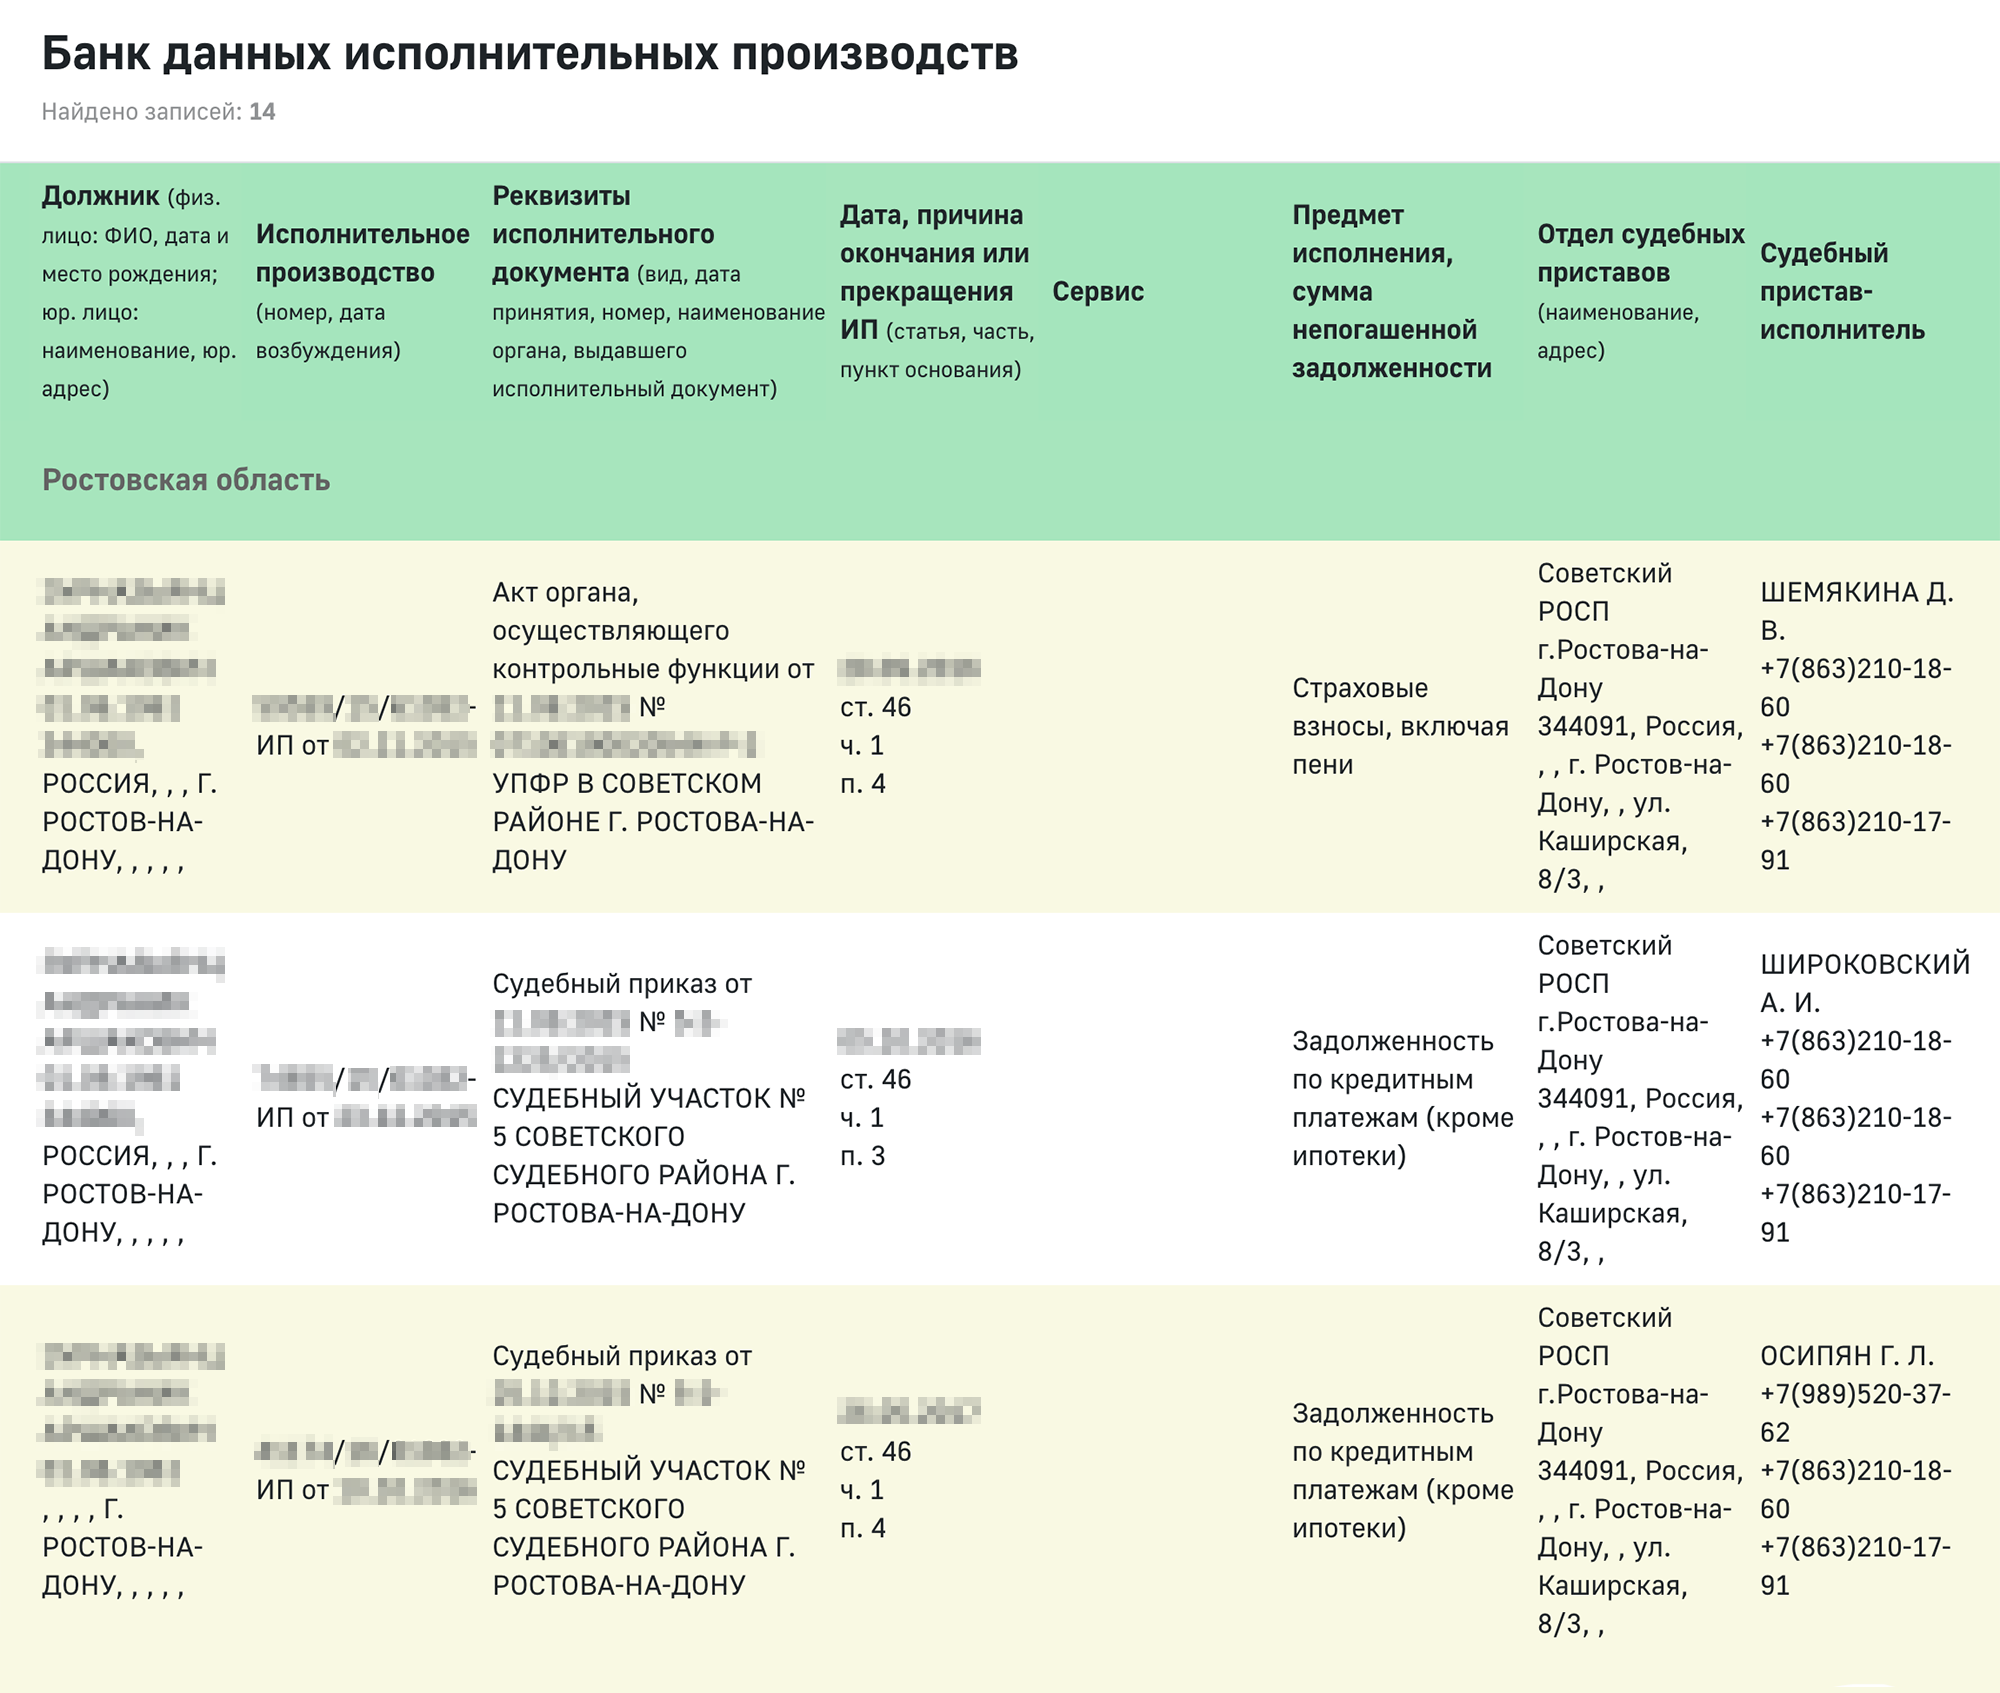 На сайте ФССП России есть информация о должниках. Это герой одной из изумительных историй&nbsp;<span class=nobr